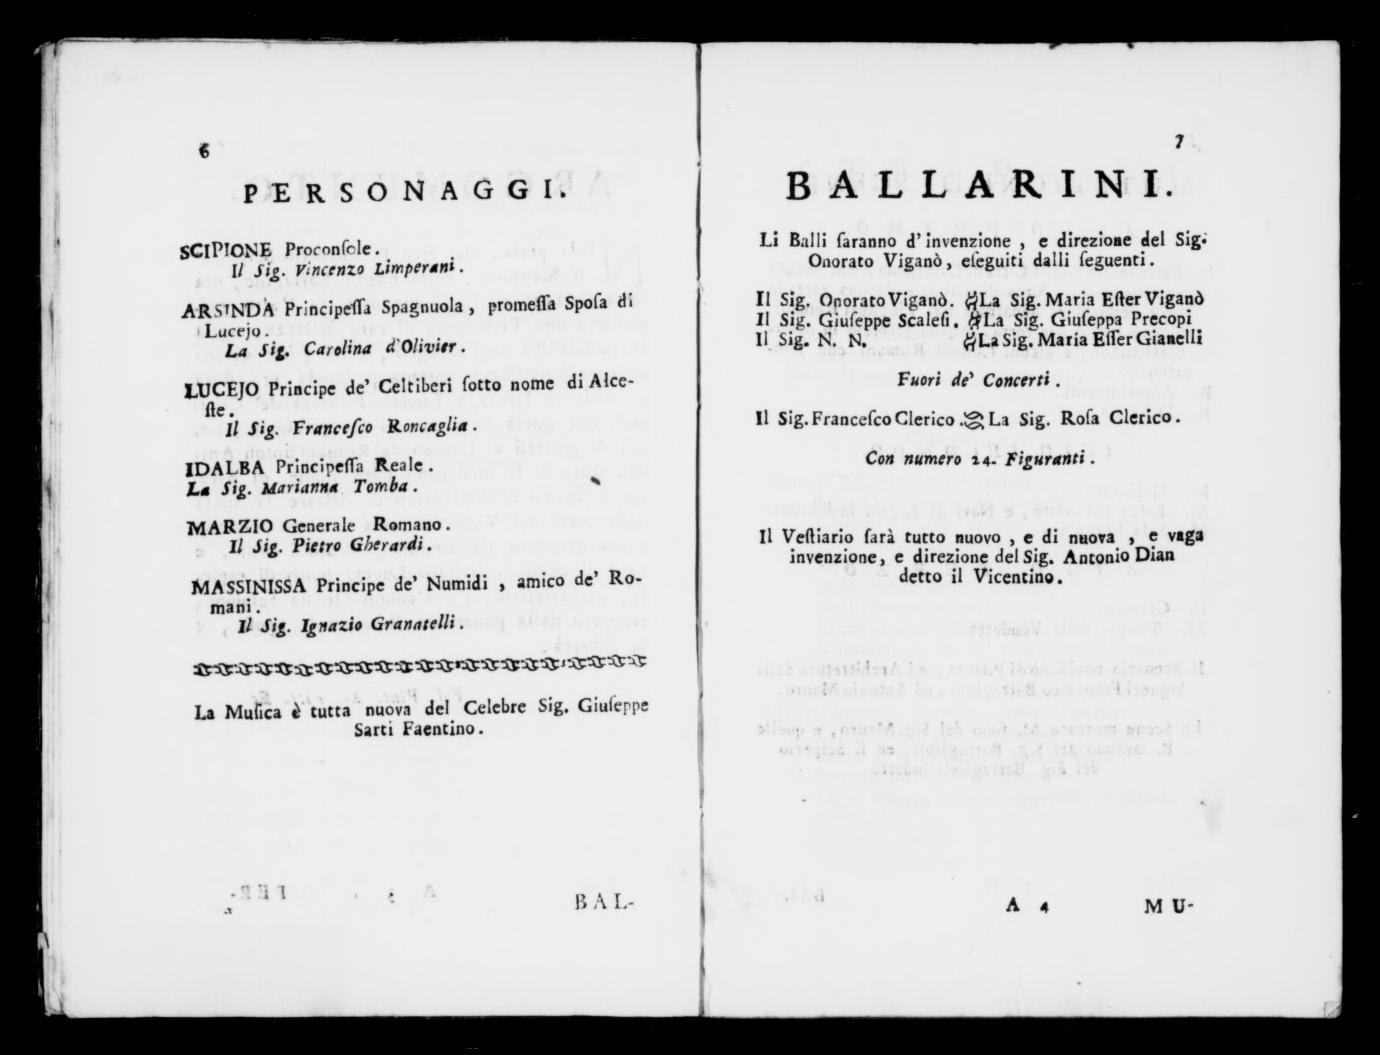 Albert Schatz Collection Pastorella Impertinente Ballo 1778